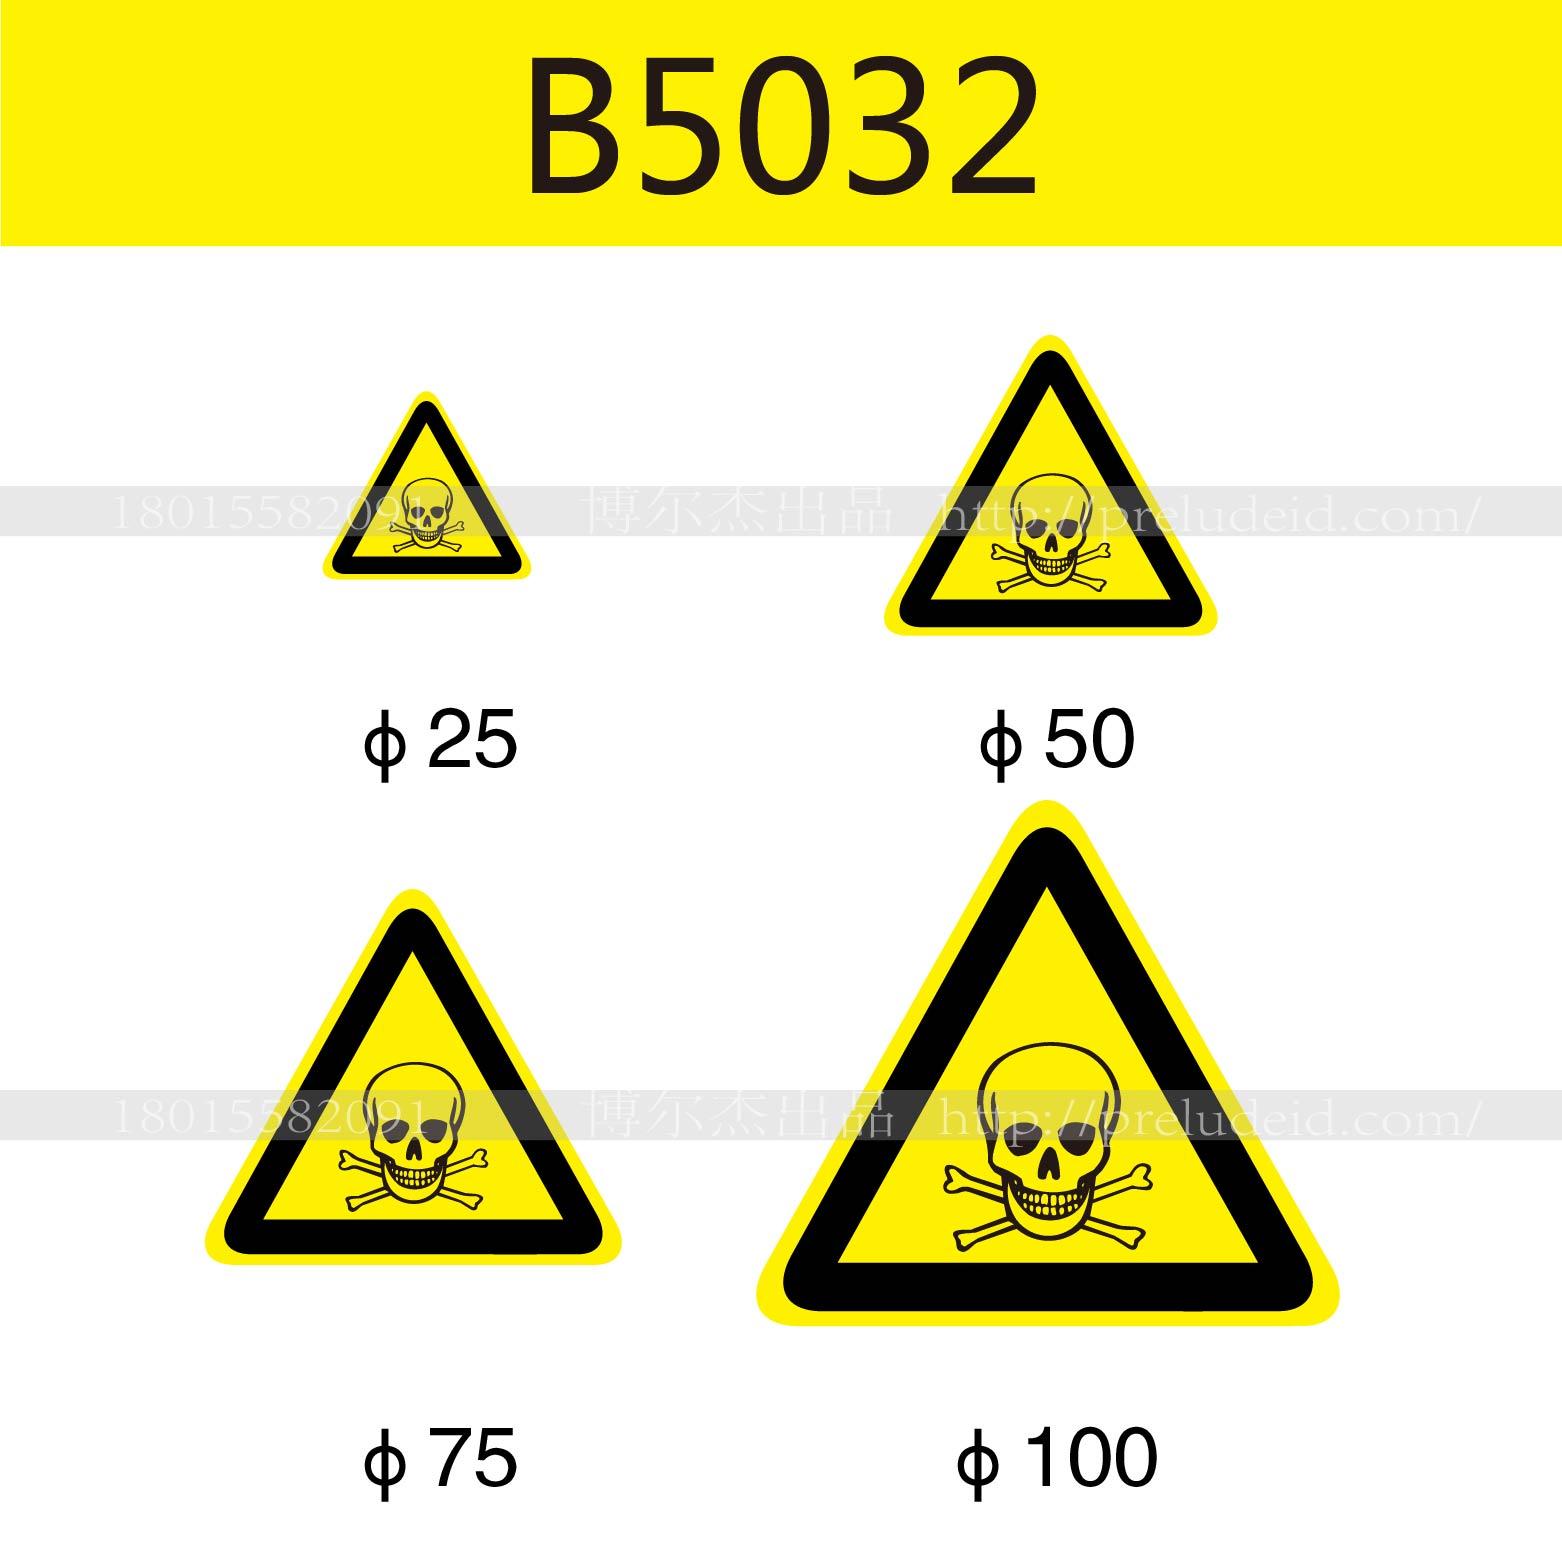 博尔杰 安全标签  安全标语牌 安全标语贴 标识厂家 丝印标签 安全标示牌 B5032